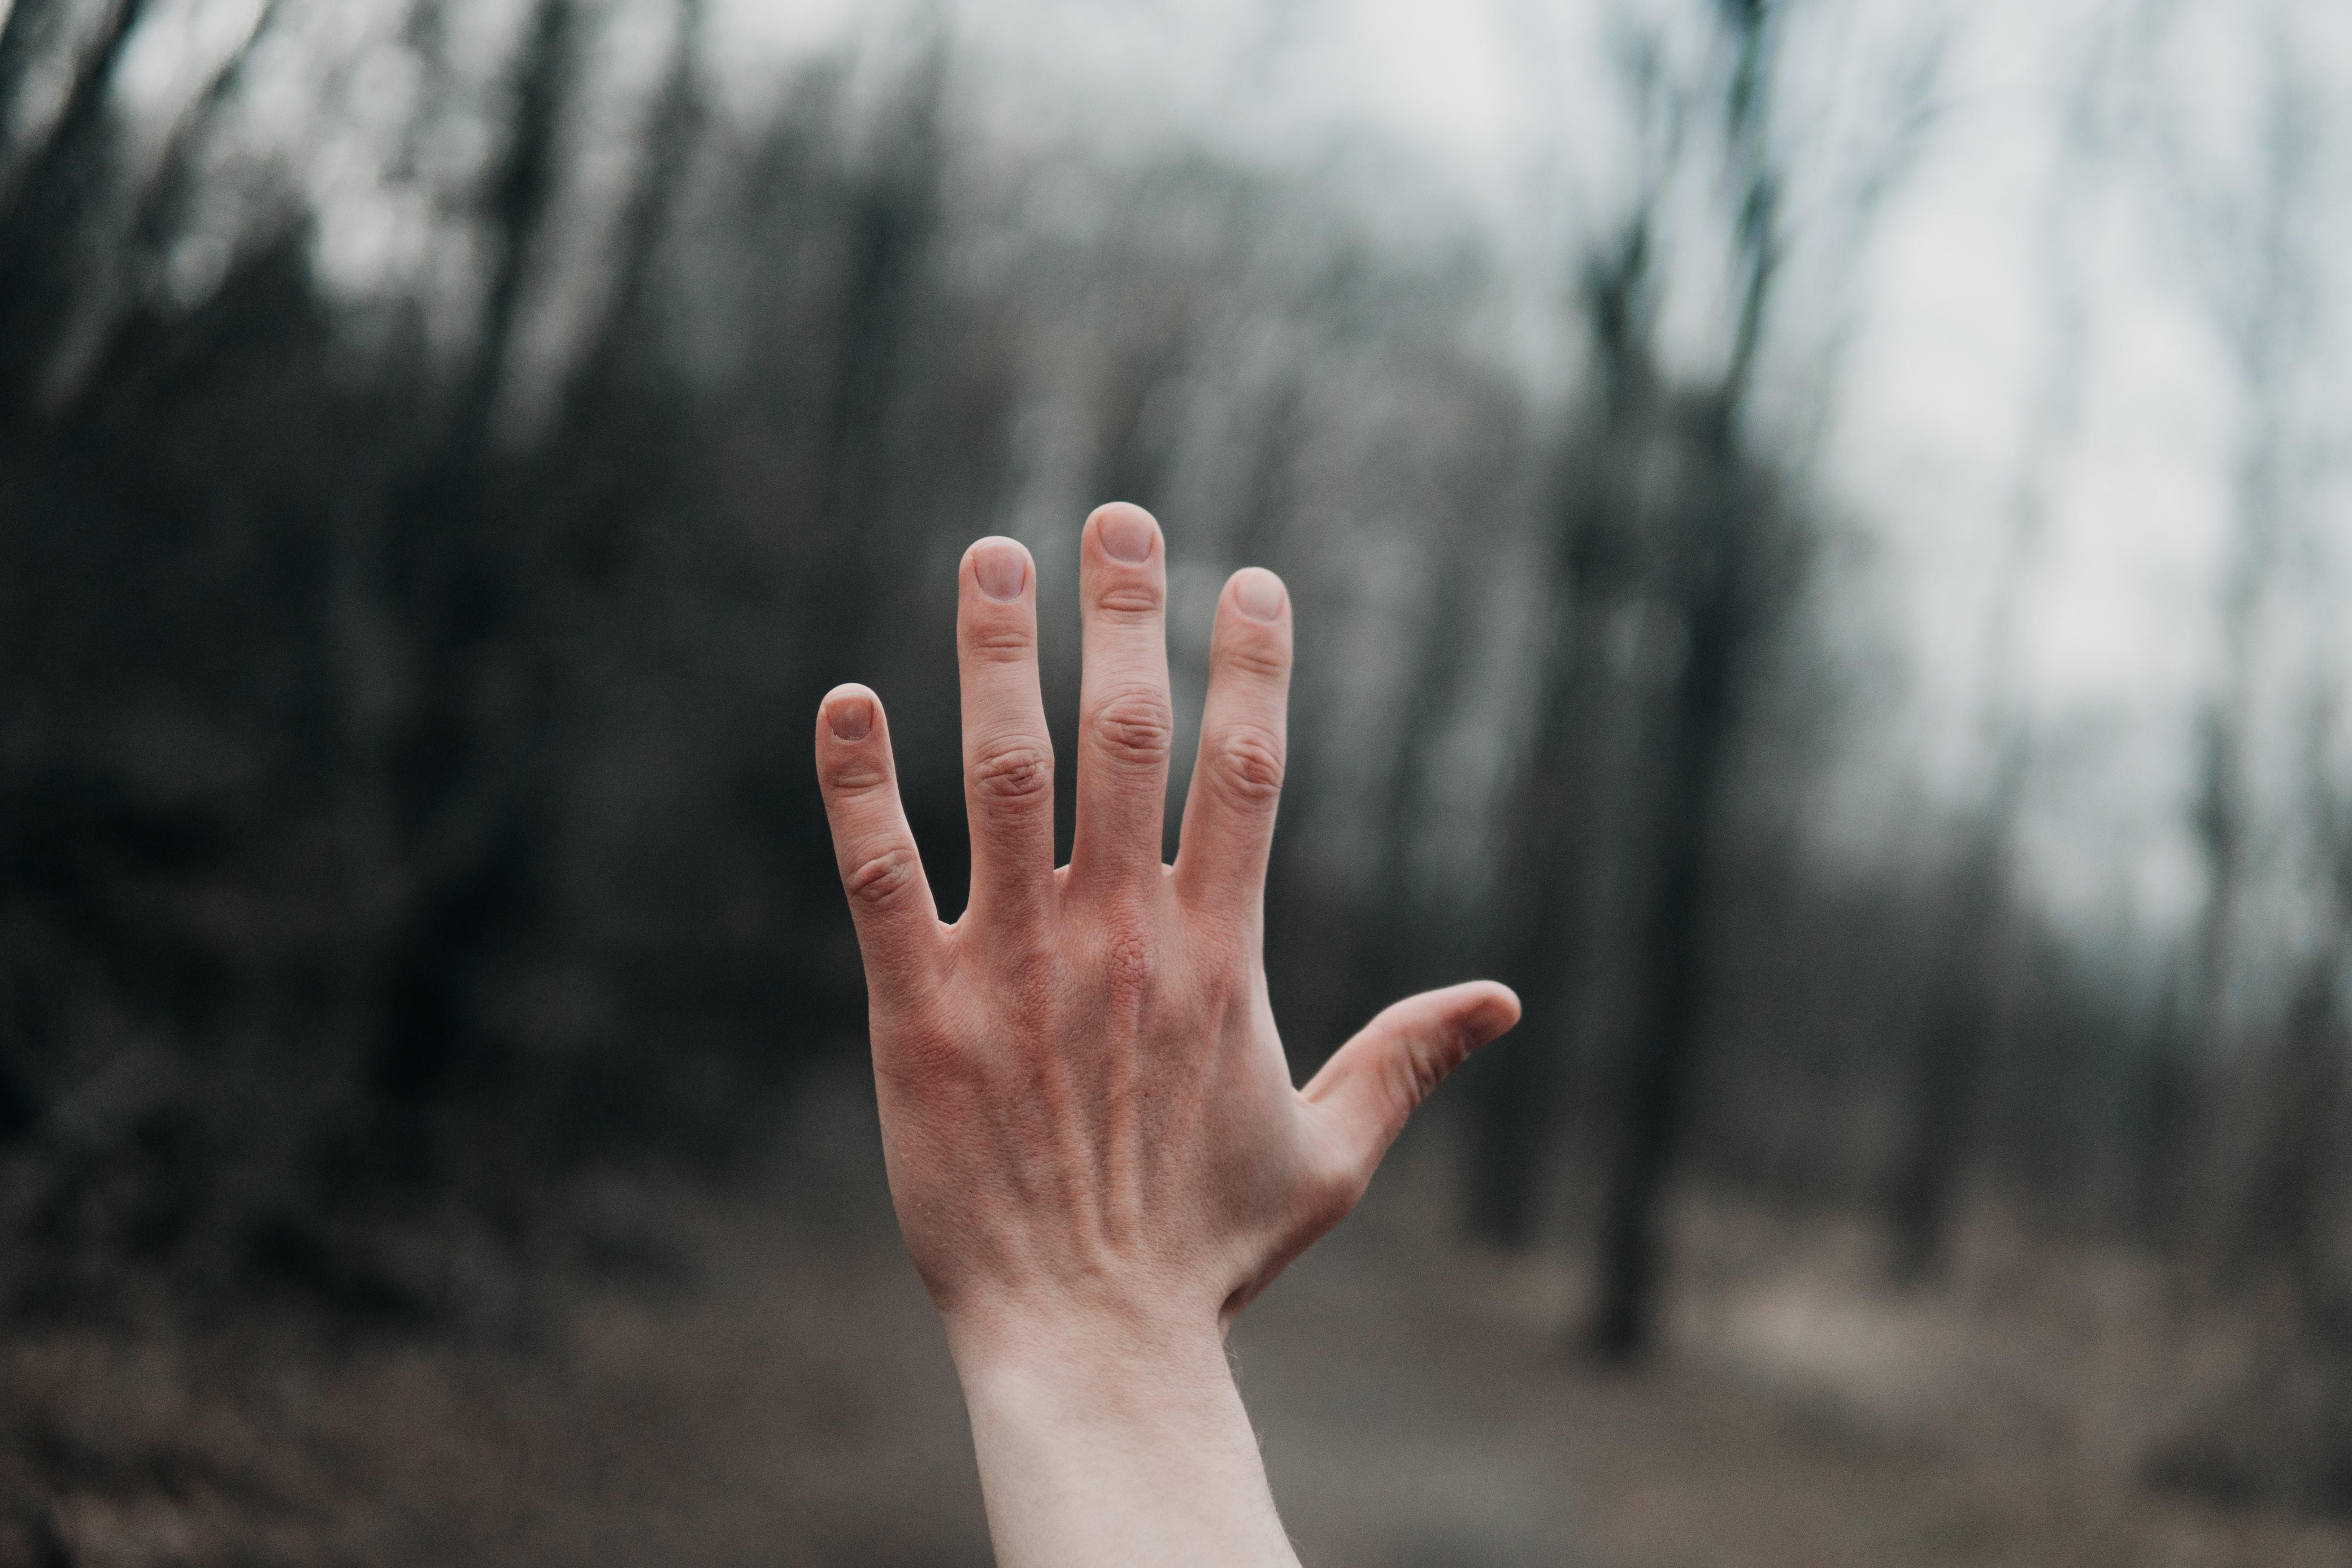 手相占いの手相知能線について徹底解説 手相の手相知能線の見方のポイントをまとめました